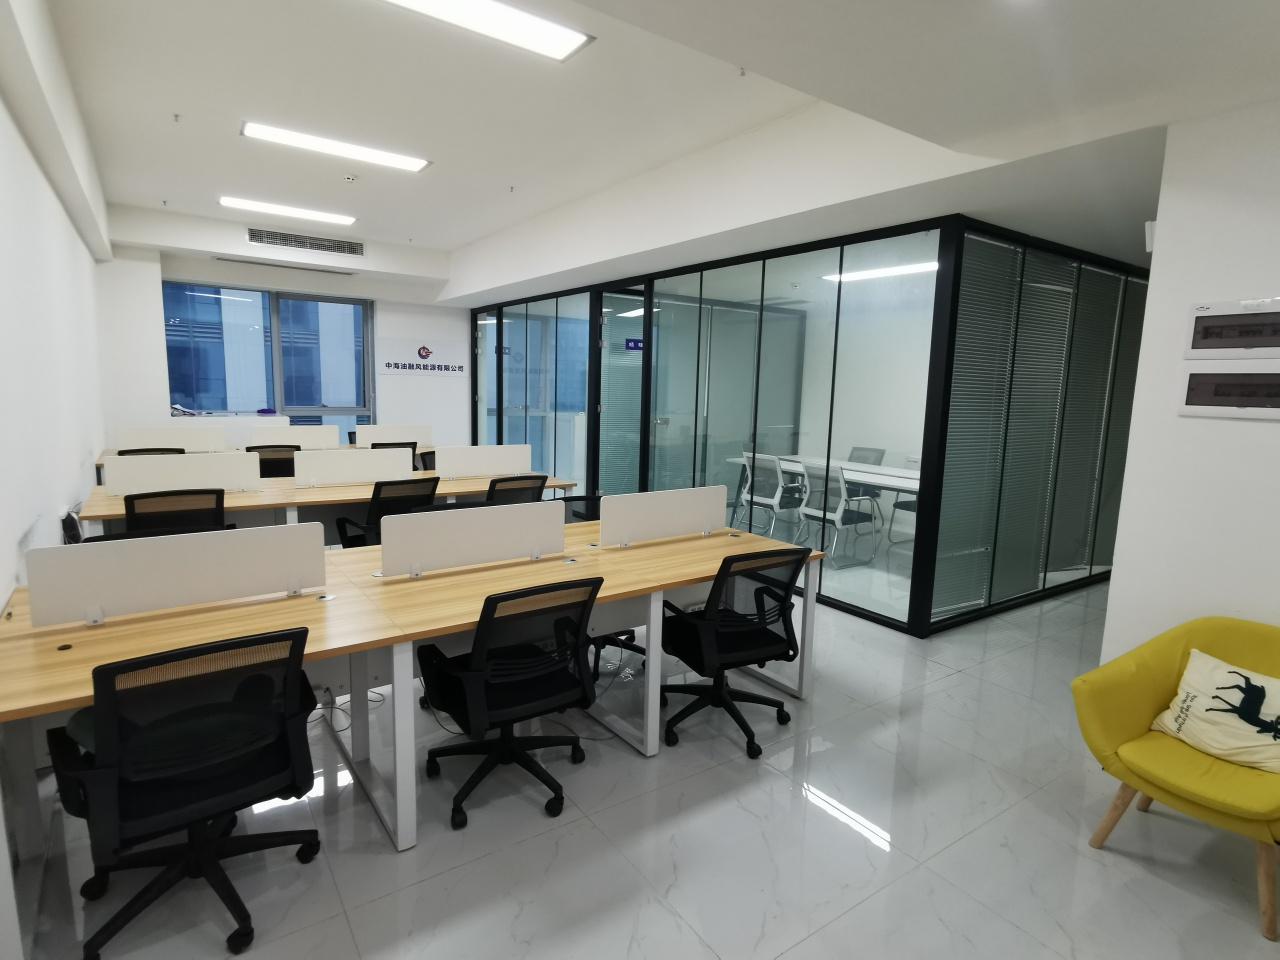 1号线世纪城地铁 雄川金融中心 120平 2隔间18工位 高区拎包入住